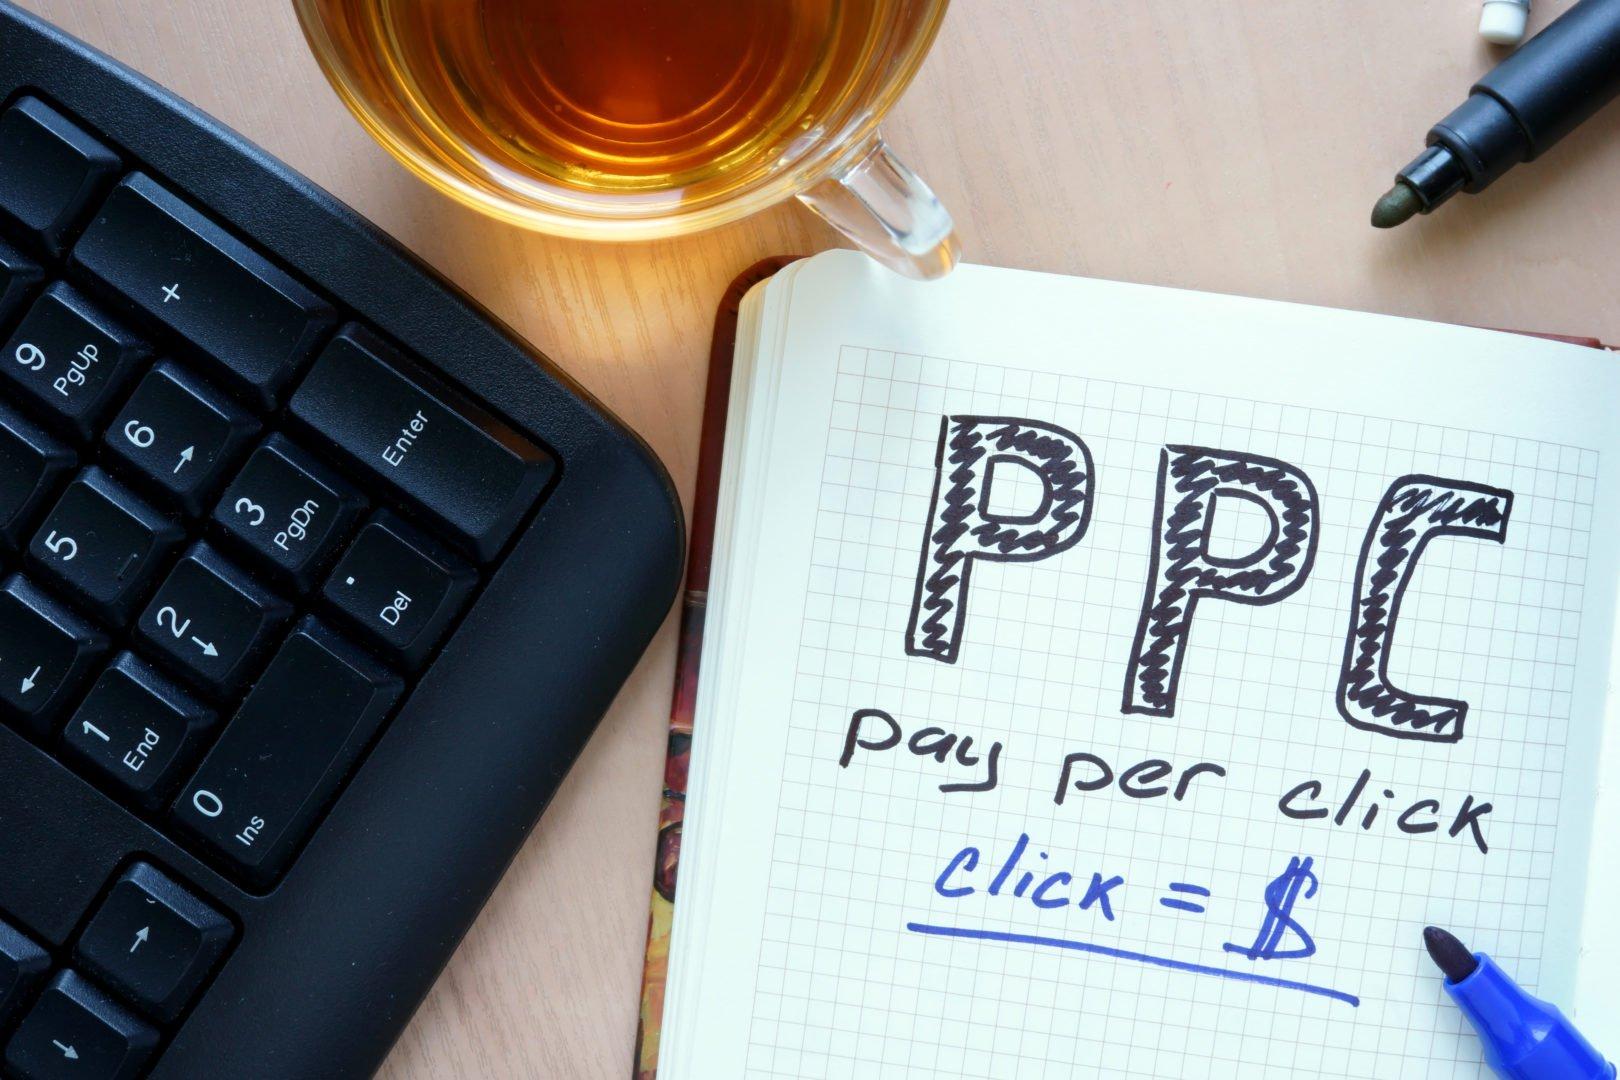 ppc marketing explained